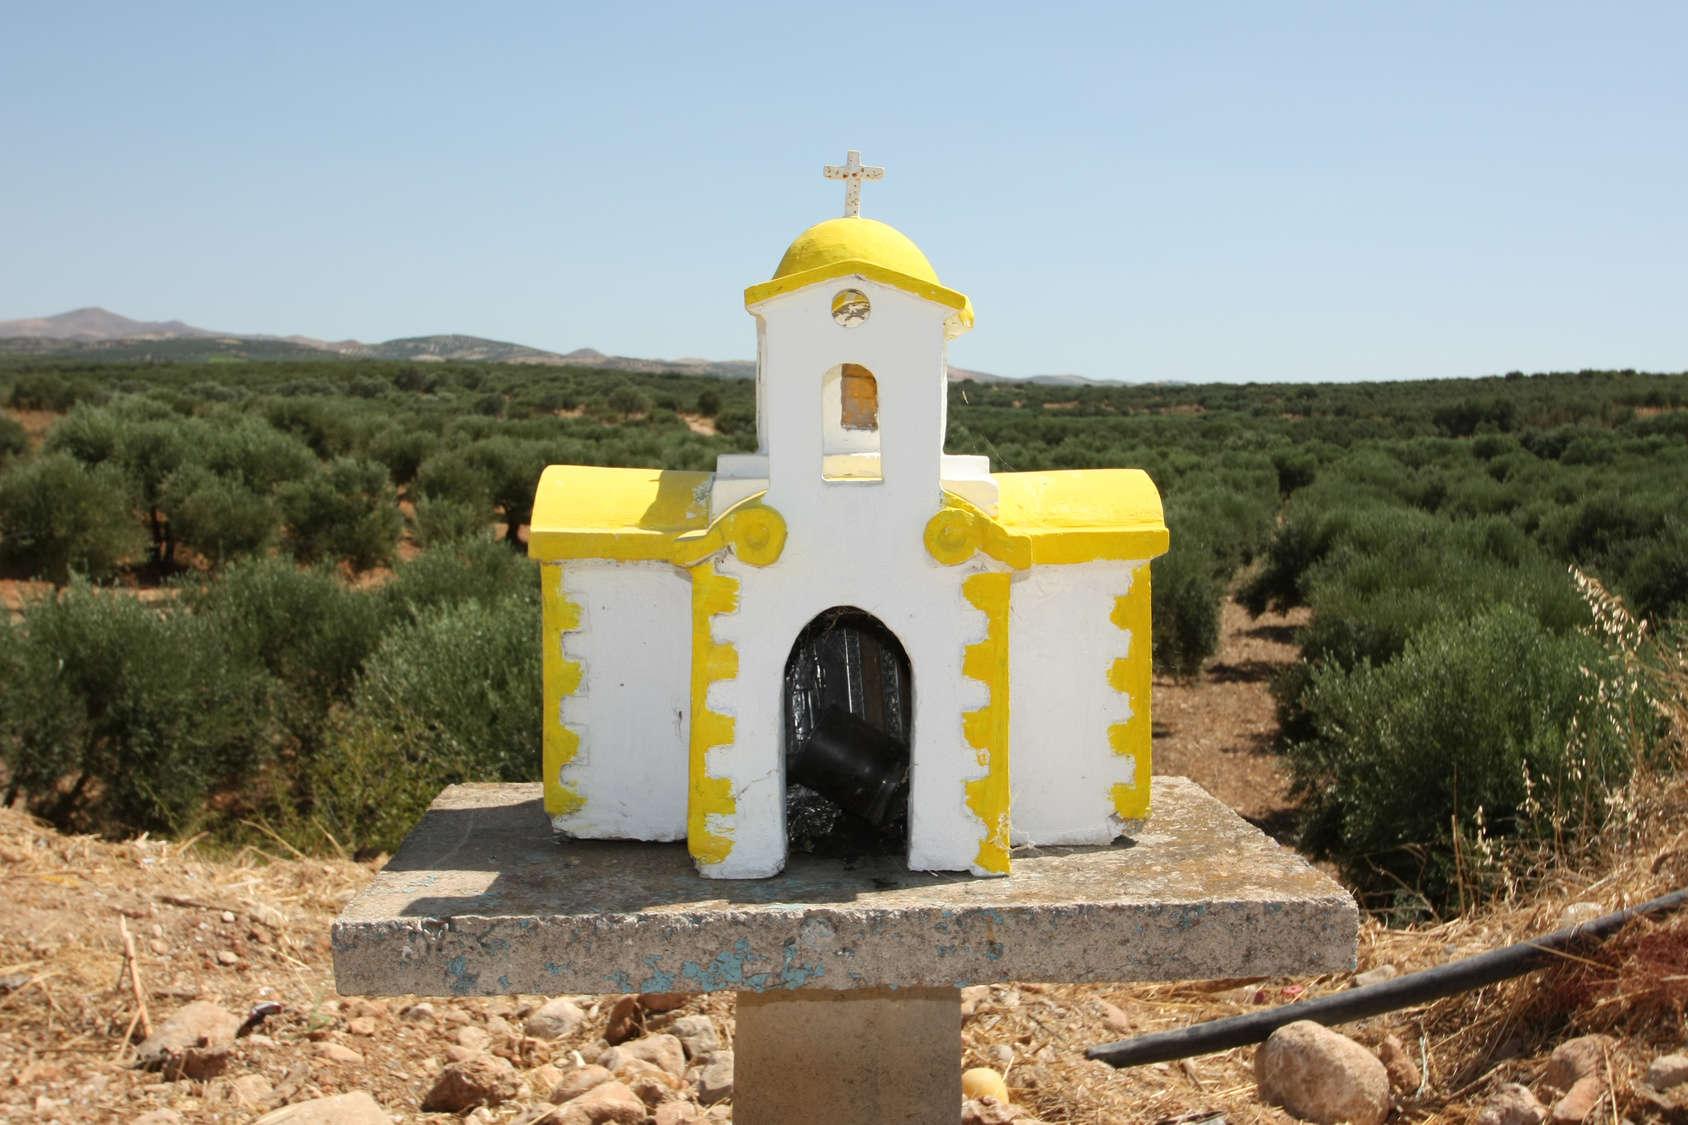 kreta-kapliczki-ciekawostki-podróżowanie-blog-gettin-english